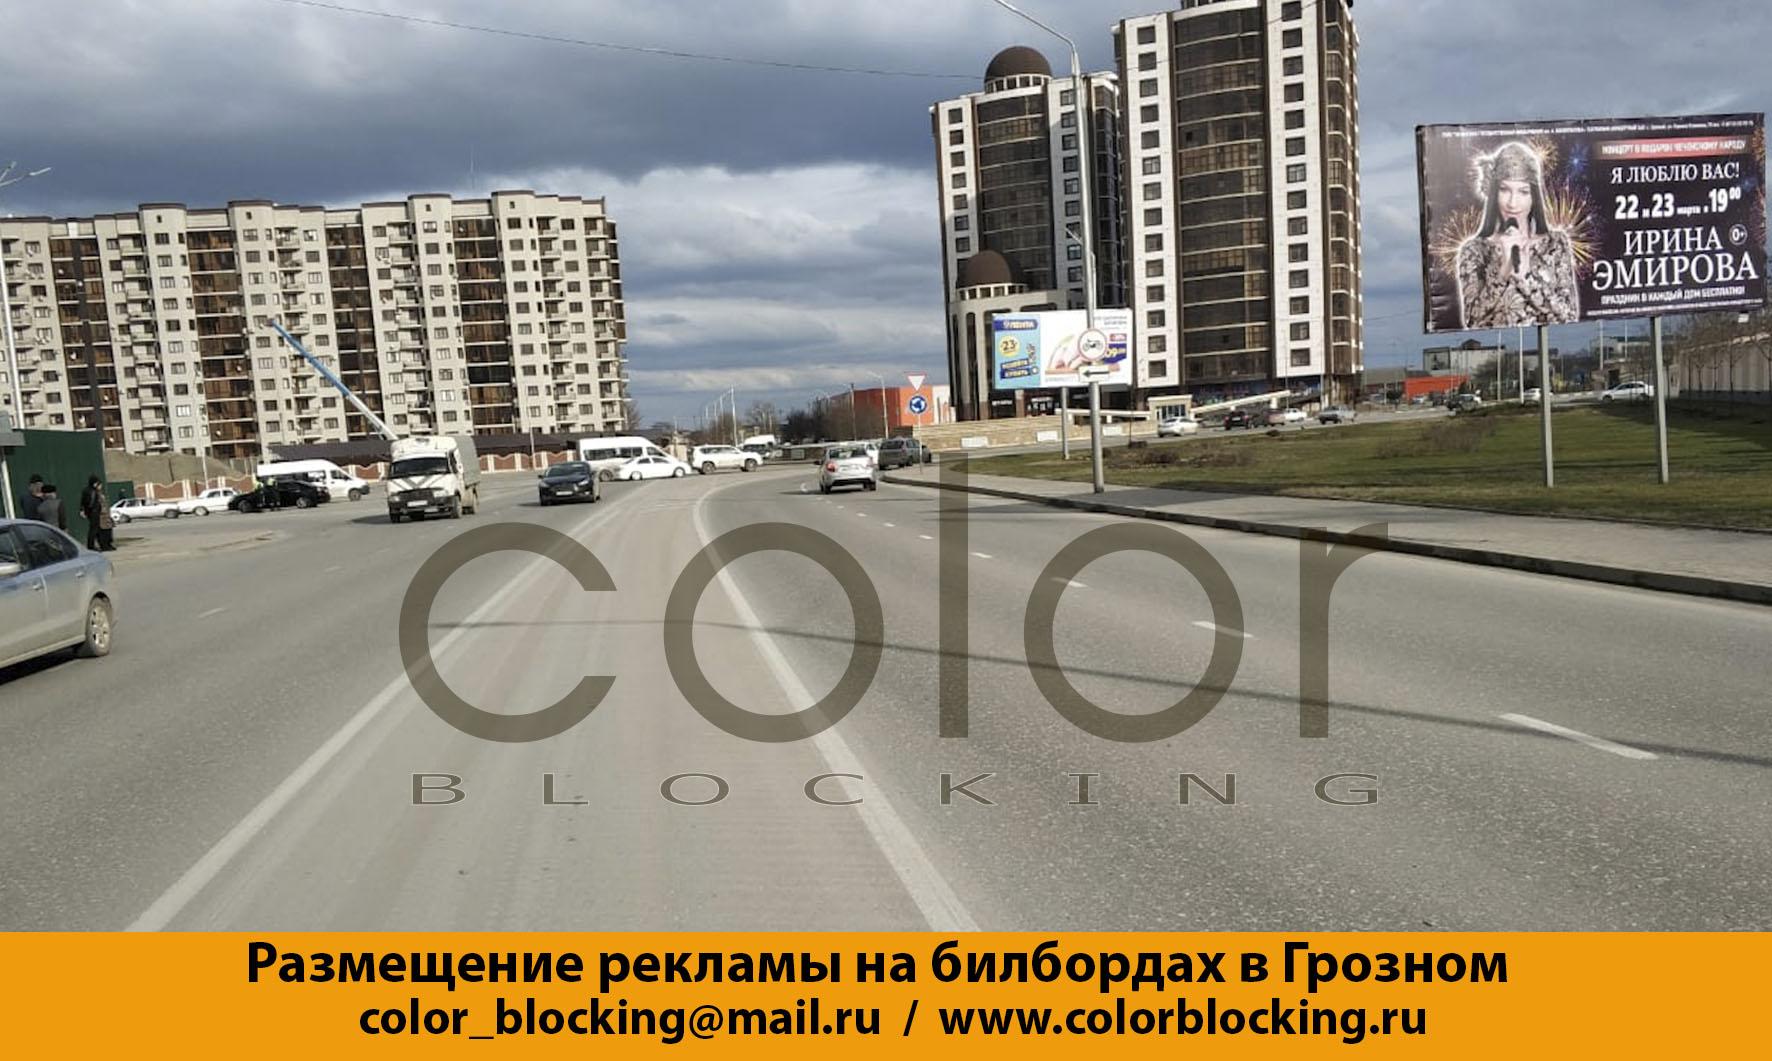 Реклама в Грозном на билбордах Сайханова